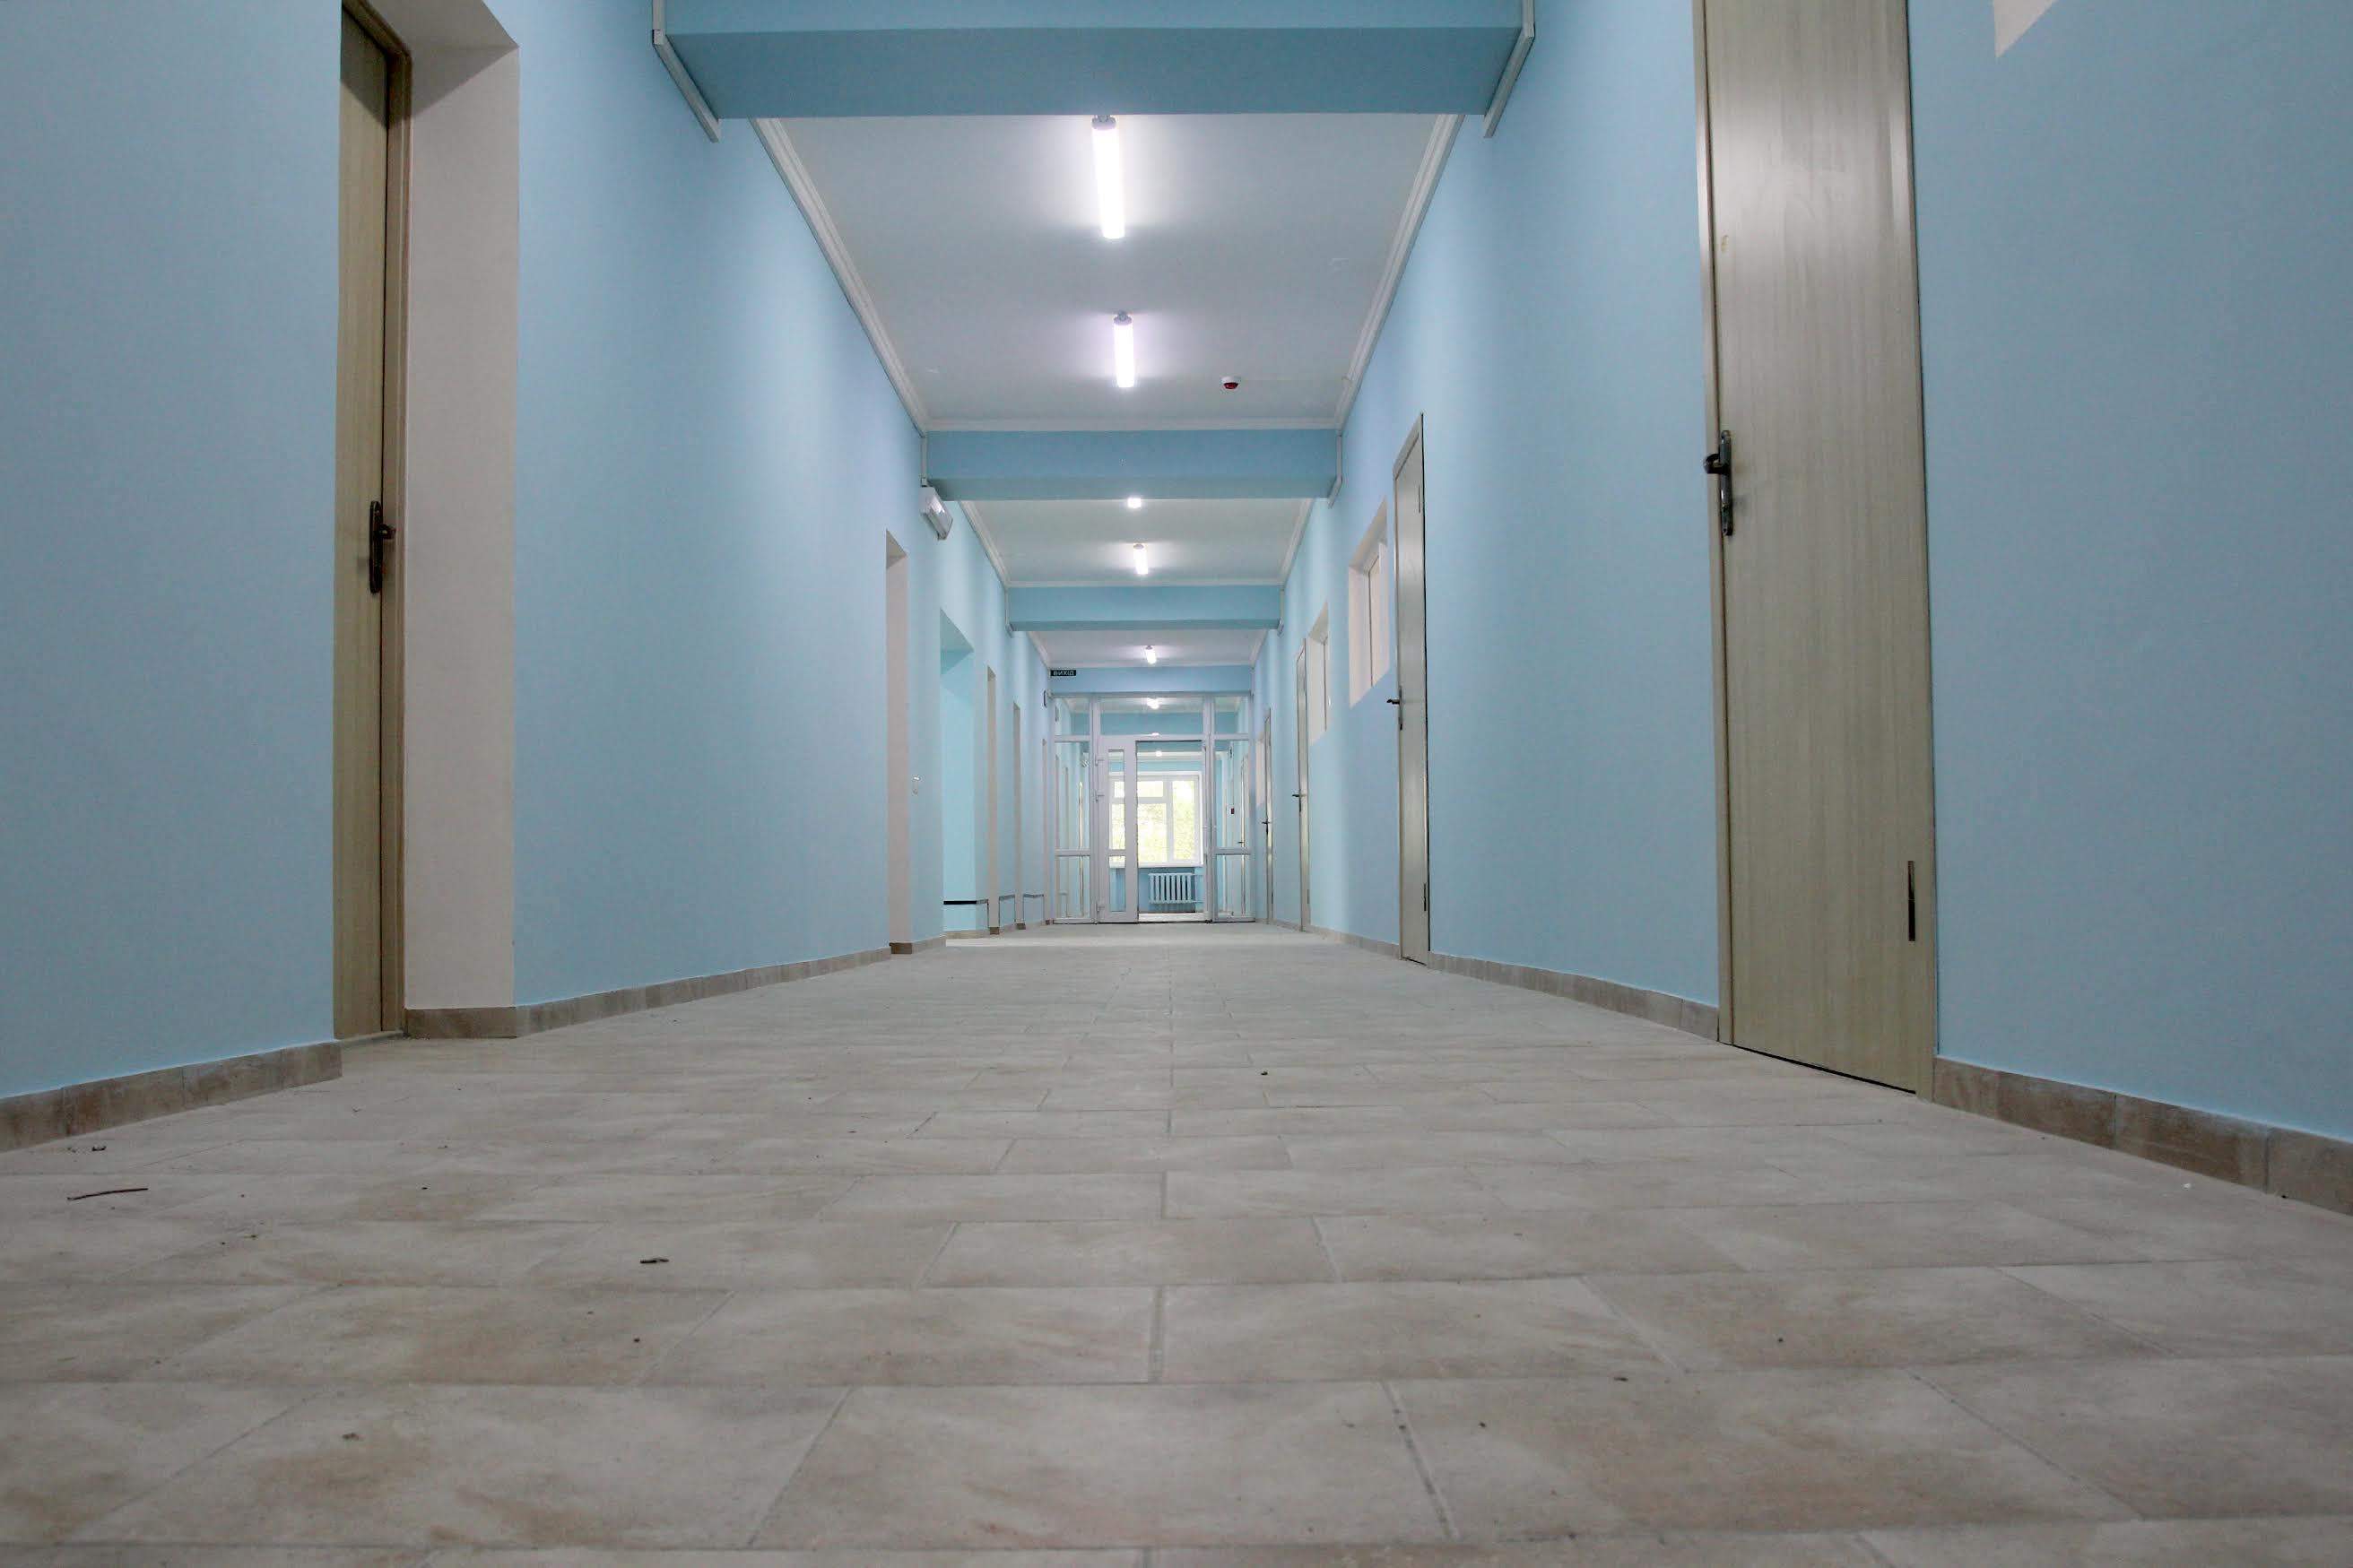 Підлогу облицювали плиткою.